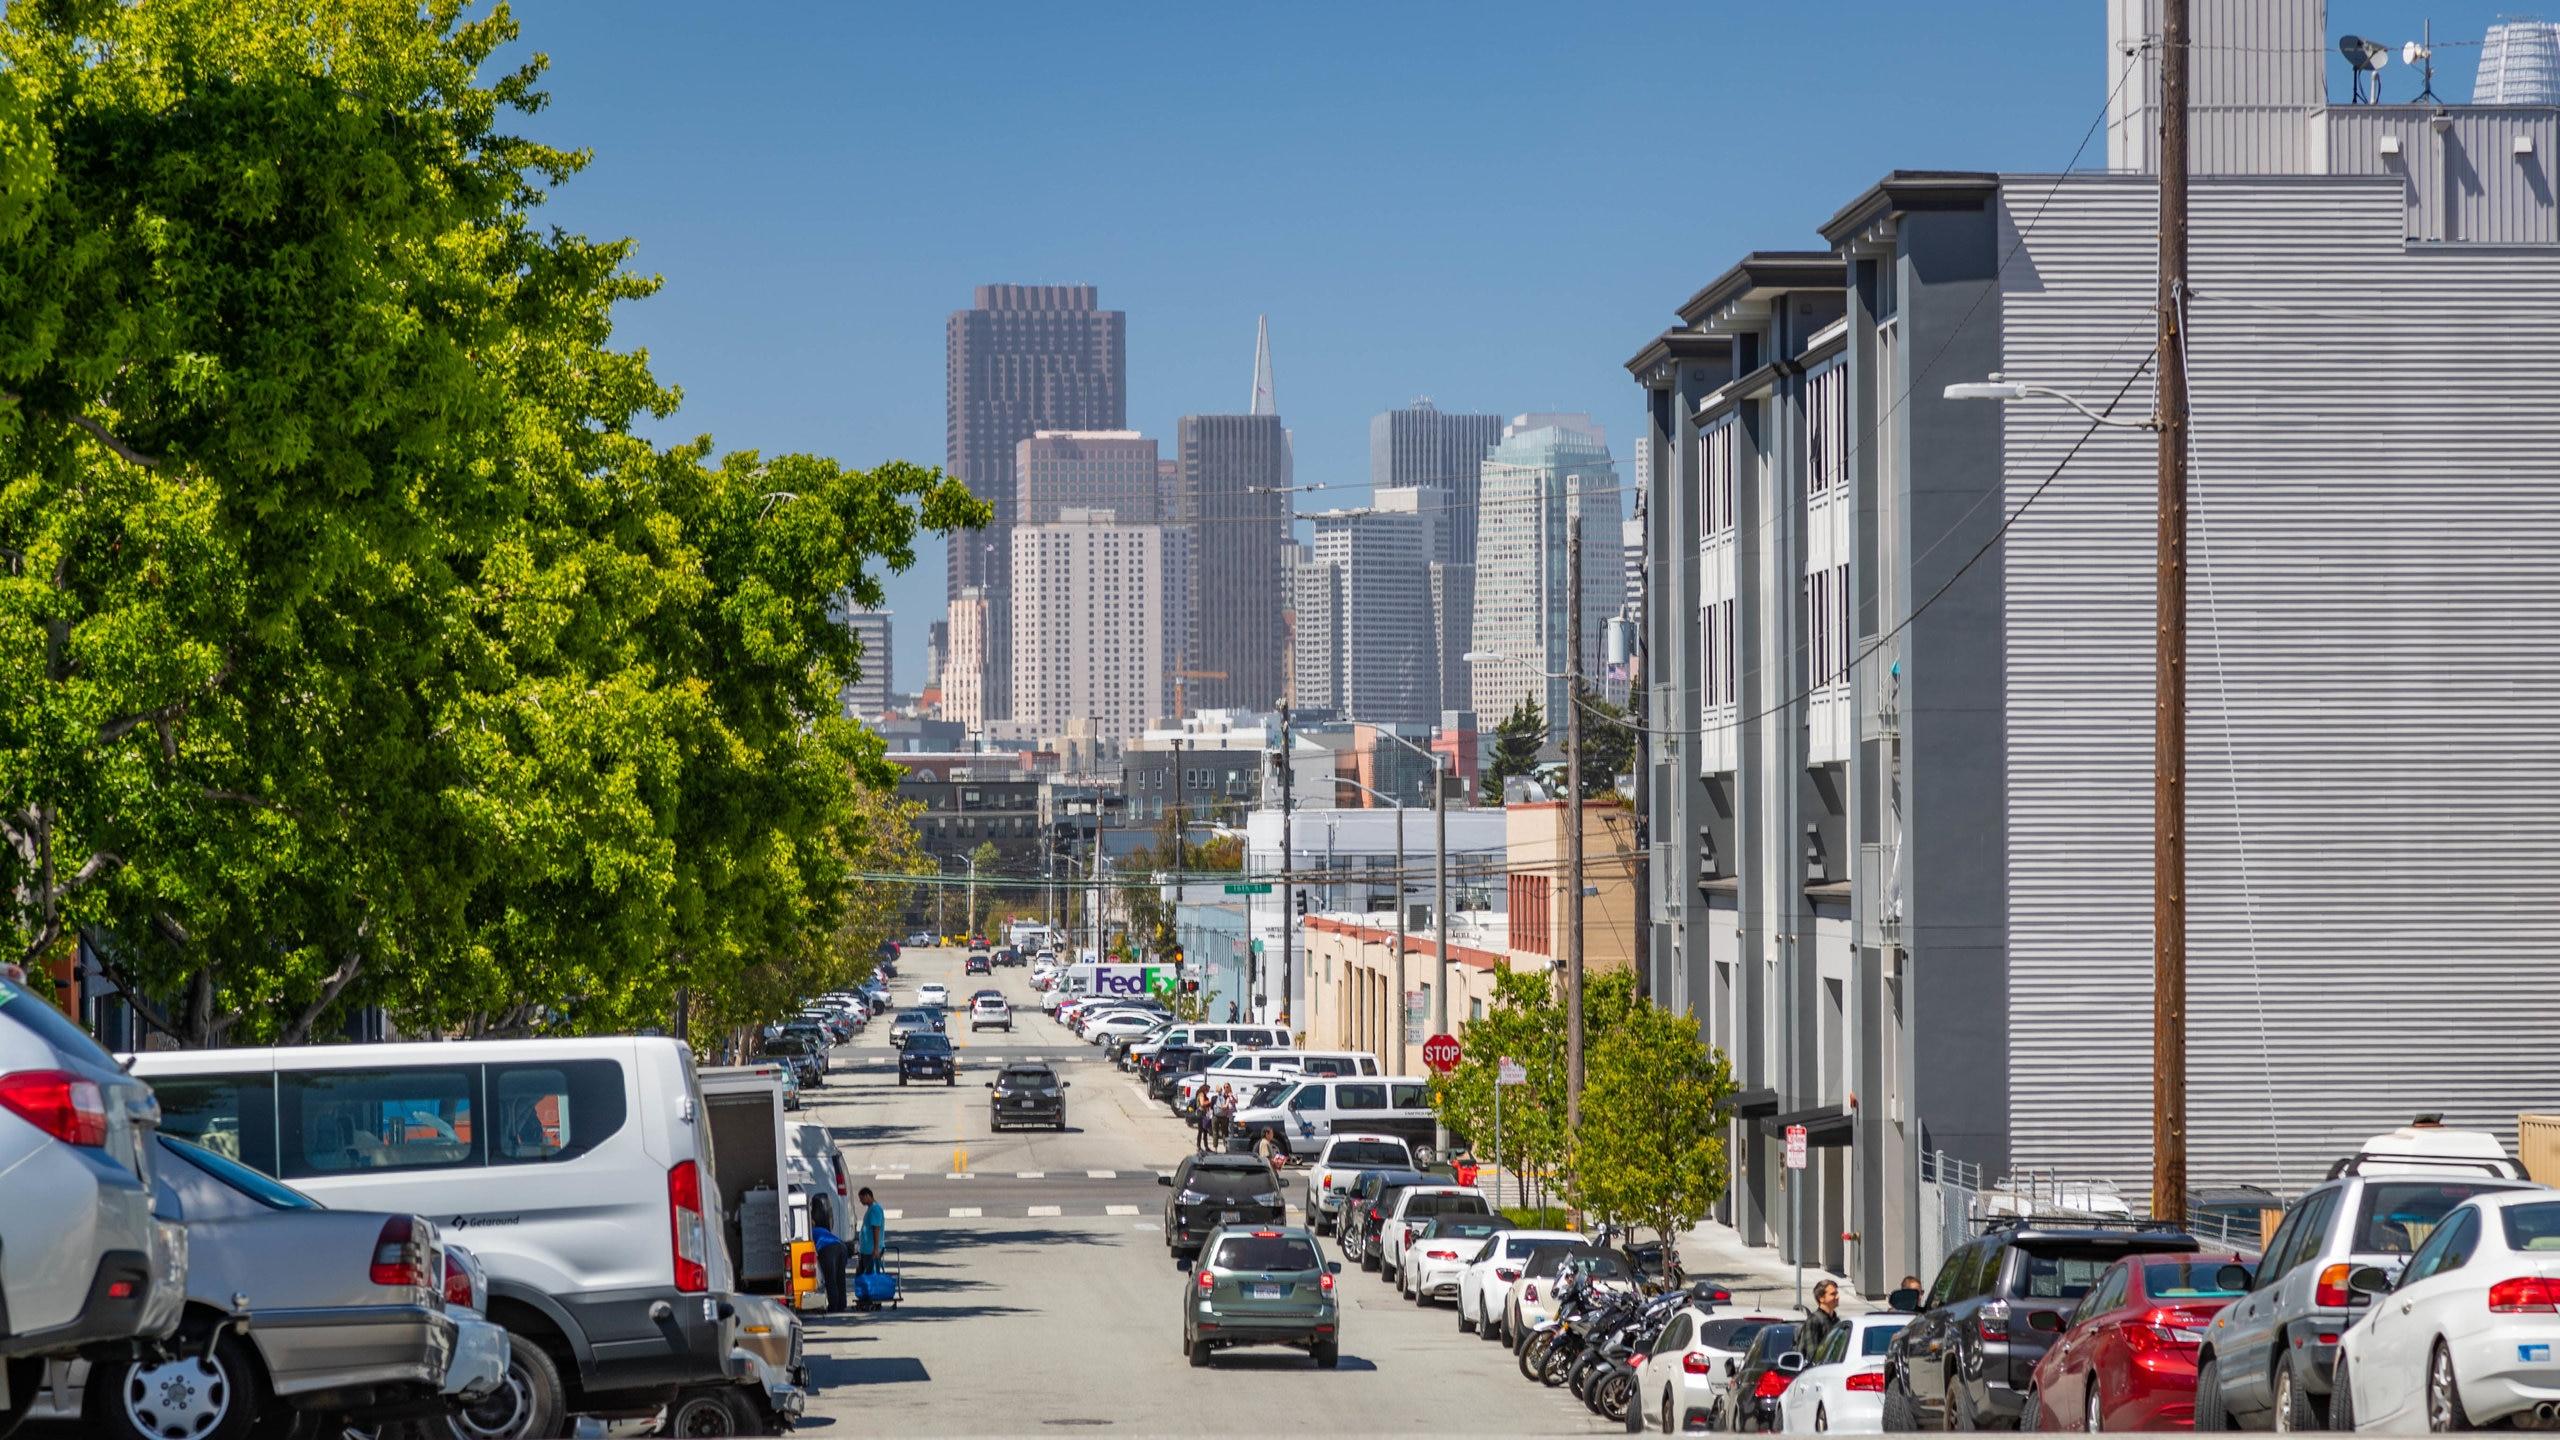 Potrero Hill, San Francisco, California, United States of America